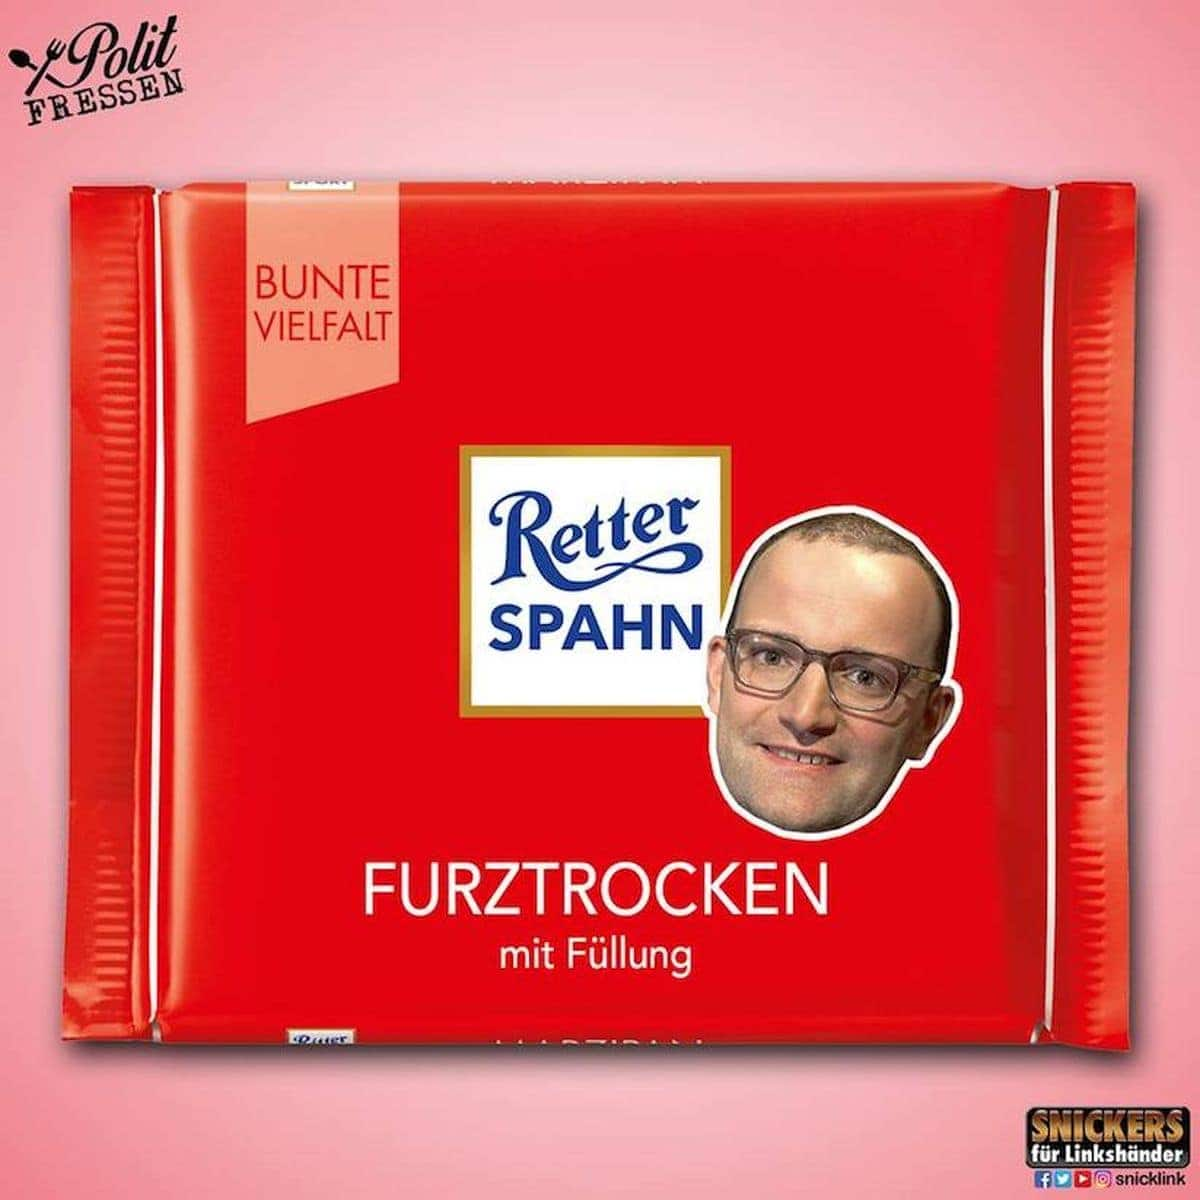 Polit-Fressen - Snacks in der Politiker-Version von Snickers für Linkshänder | Lustiges | Was is hier eigentlich los?